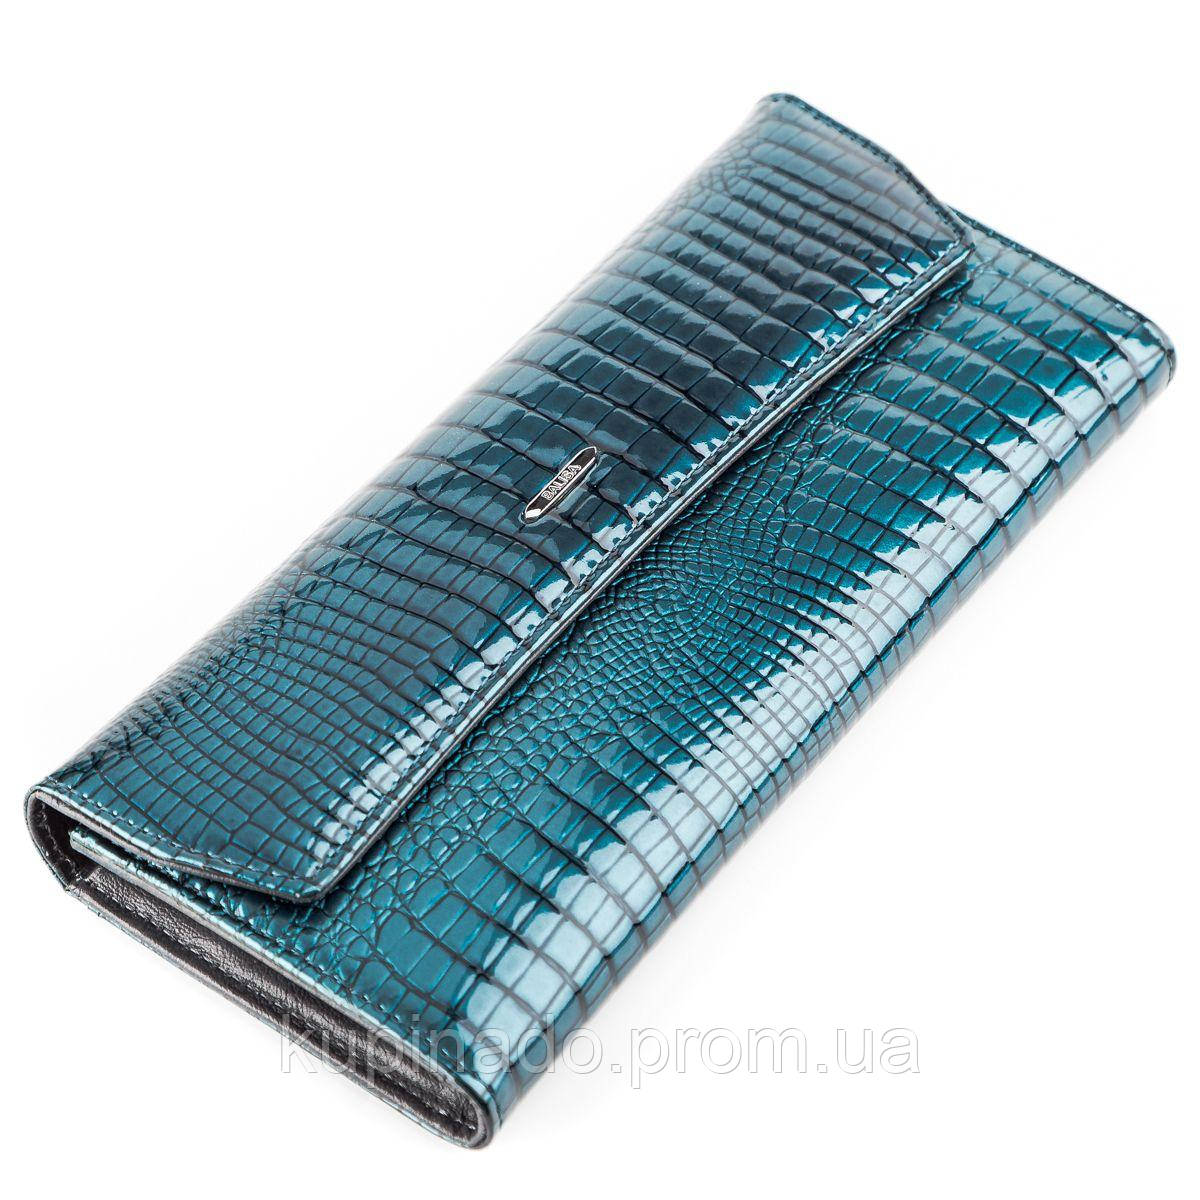 Кошелек женский BALISA 13859 кожаный Синий, Синий